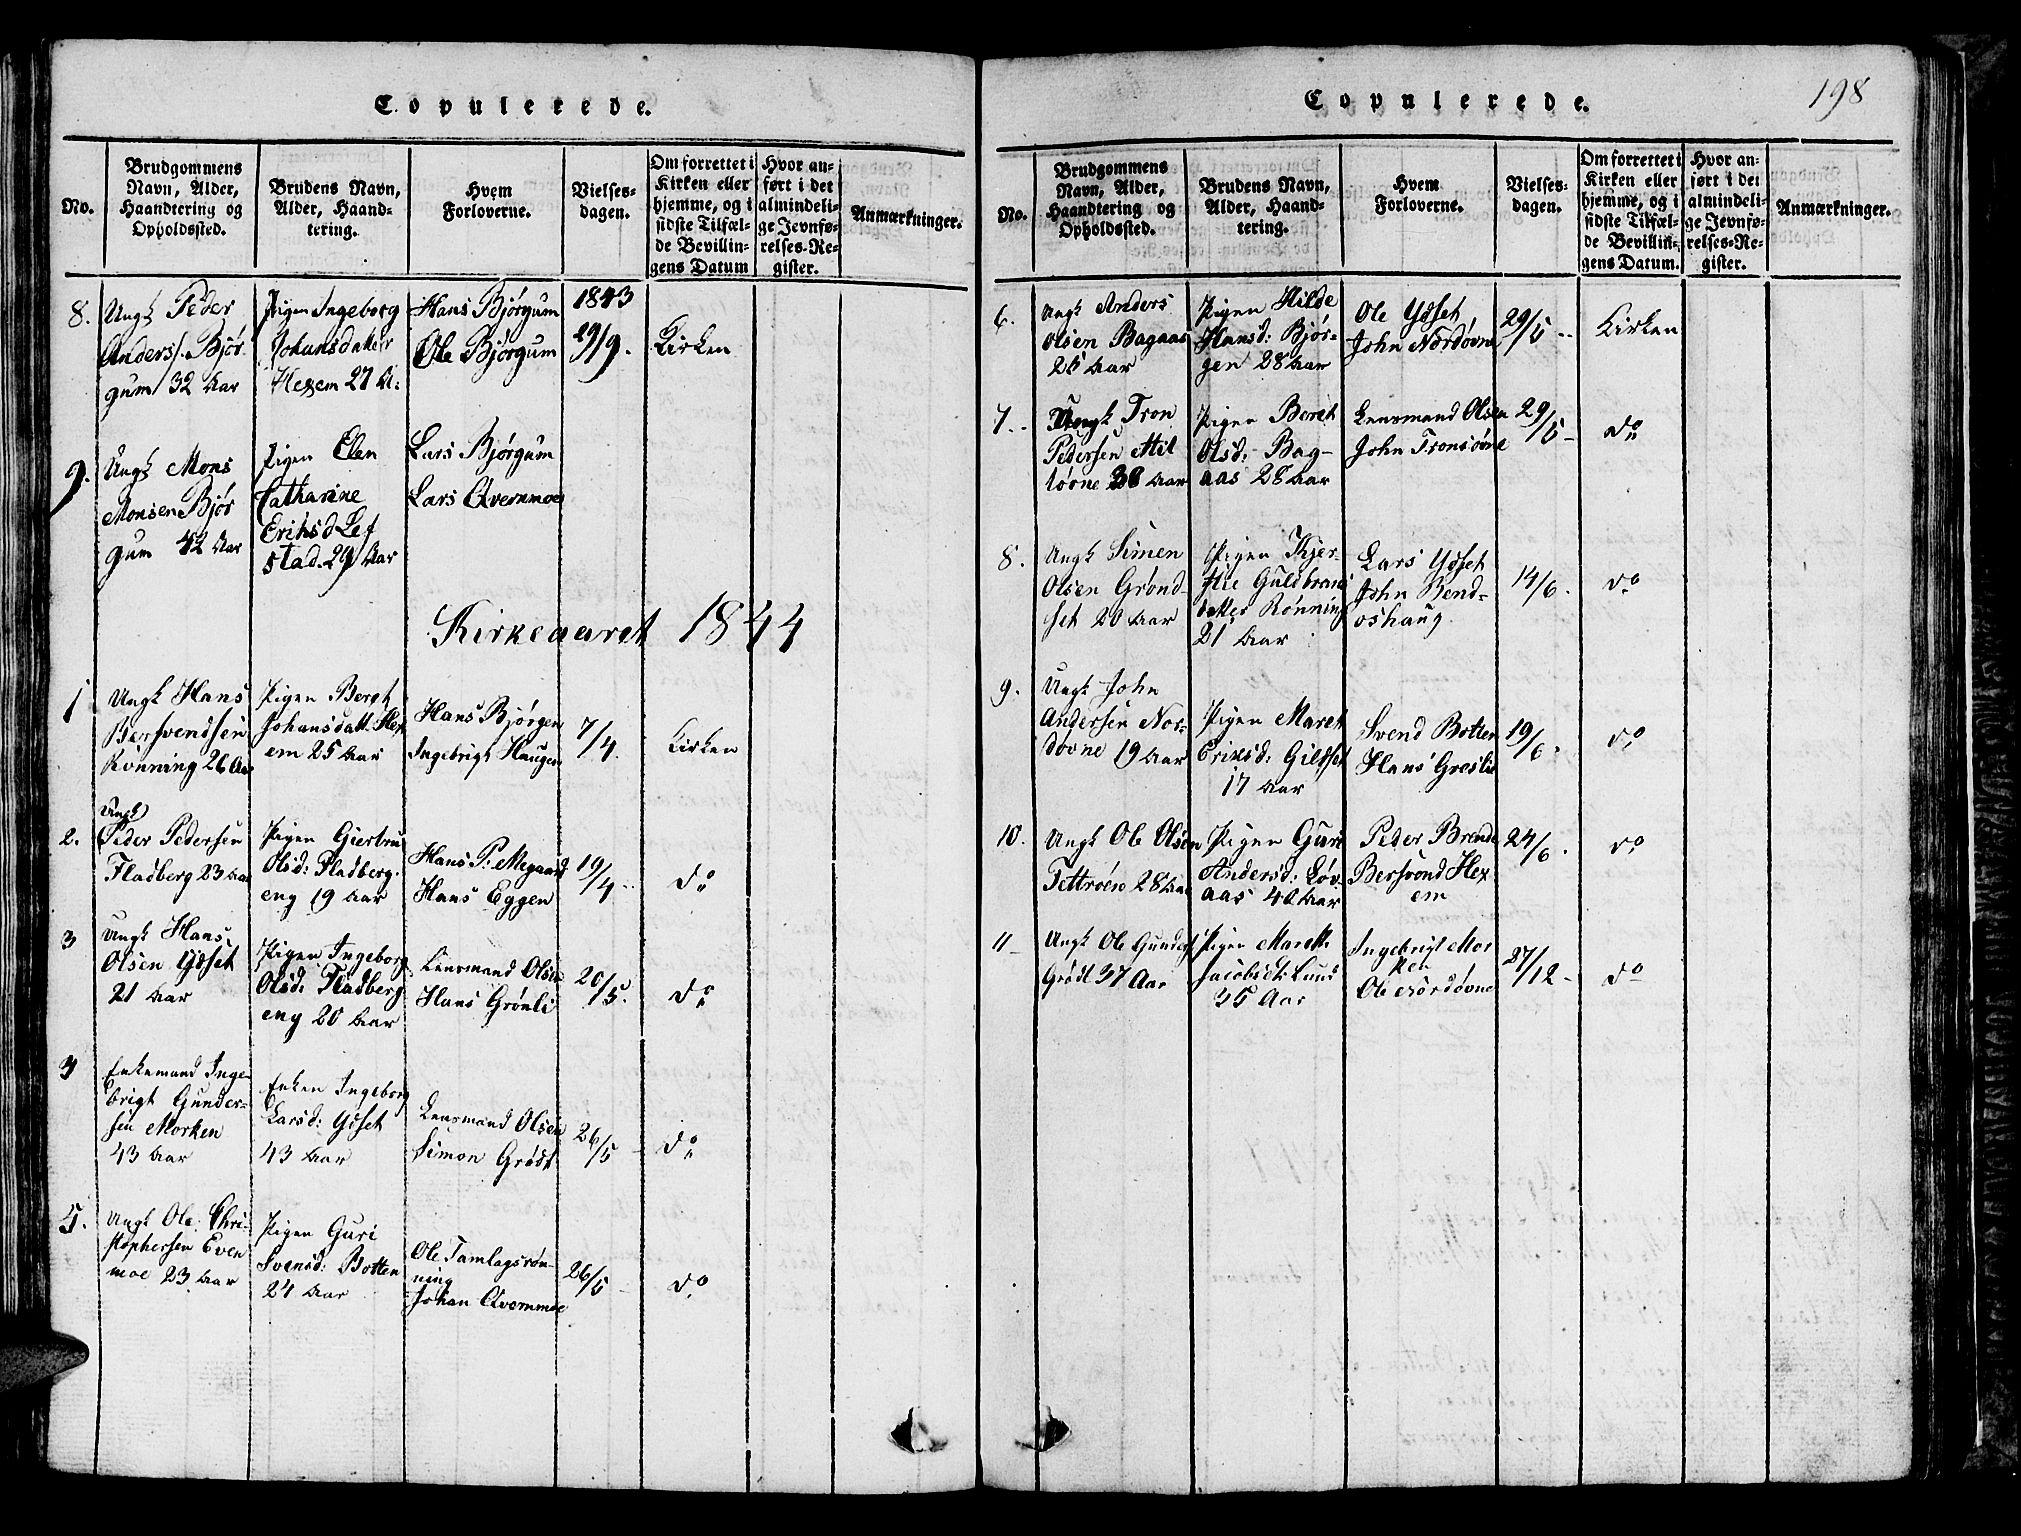 SAT, Ministerialprotokoller, klokkerbøker og fødselsregistre - Sør-Trøndelag, 685/L0976: Klokkerbok nr. 685C01, 1817-1878, s. 198